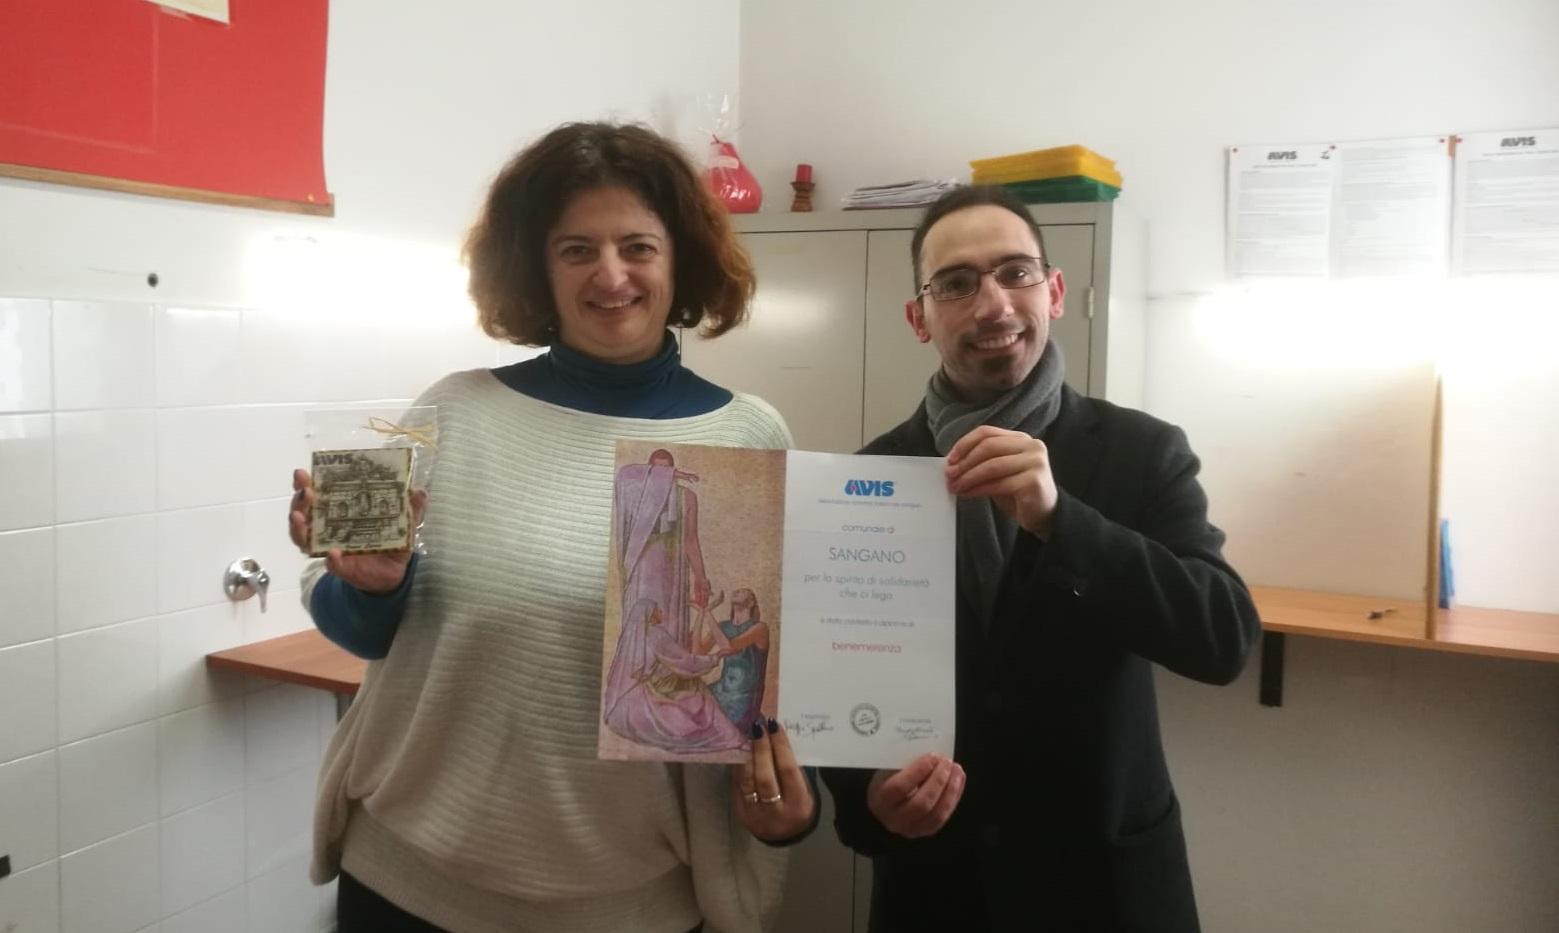 Nel segno della solidarietà: gemellaggio tra l'Avis di Castelbuono e di Sangano